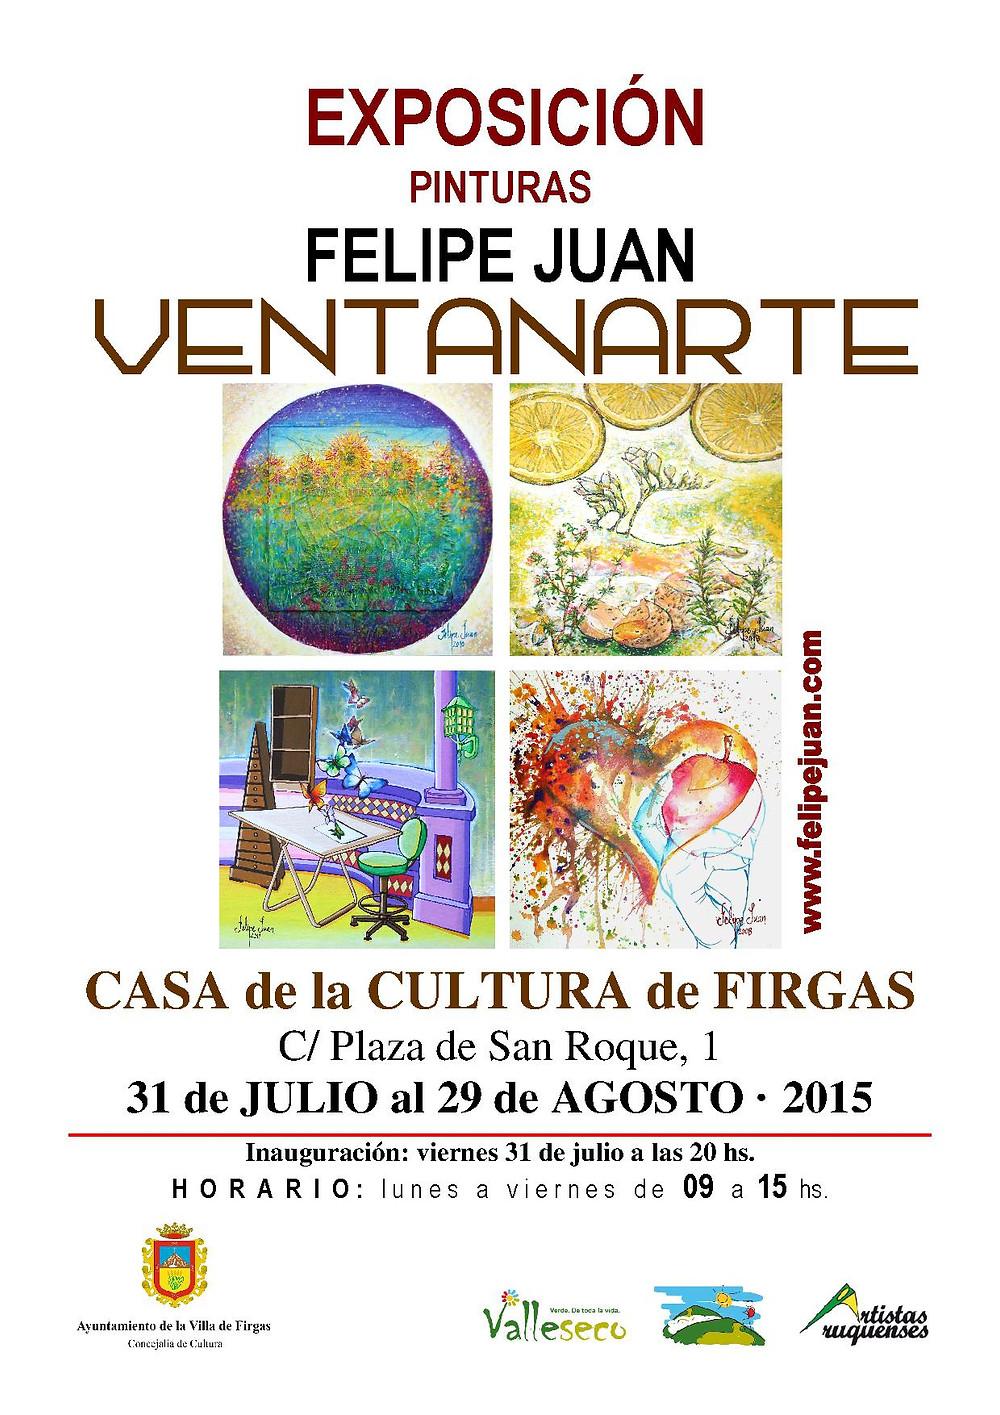 EXPOSICIÓN_CASA_de_la_CULTURA_de_FIRGAS__cartel_.2.1.jpg